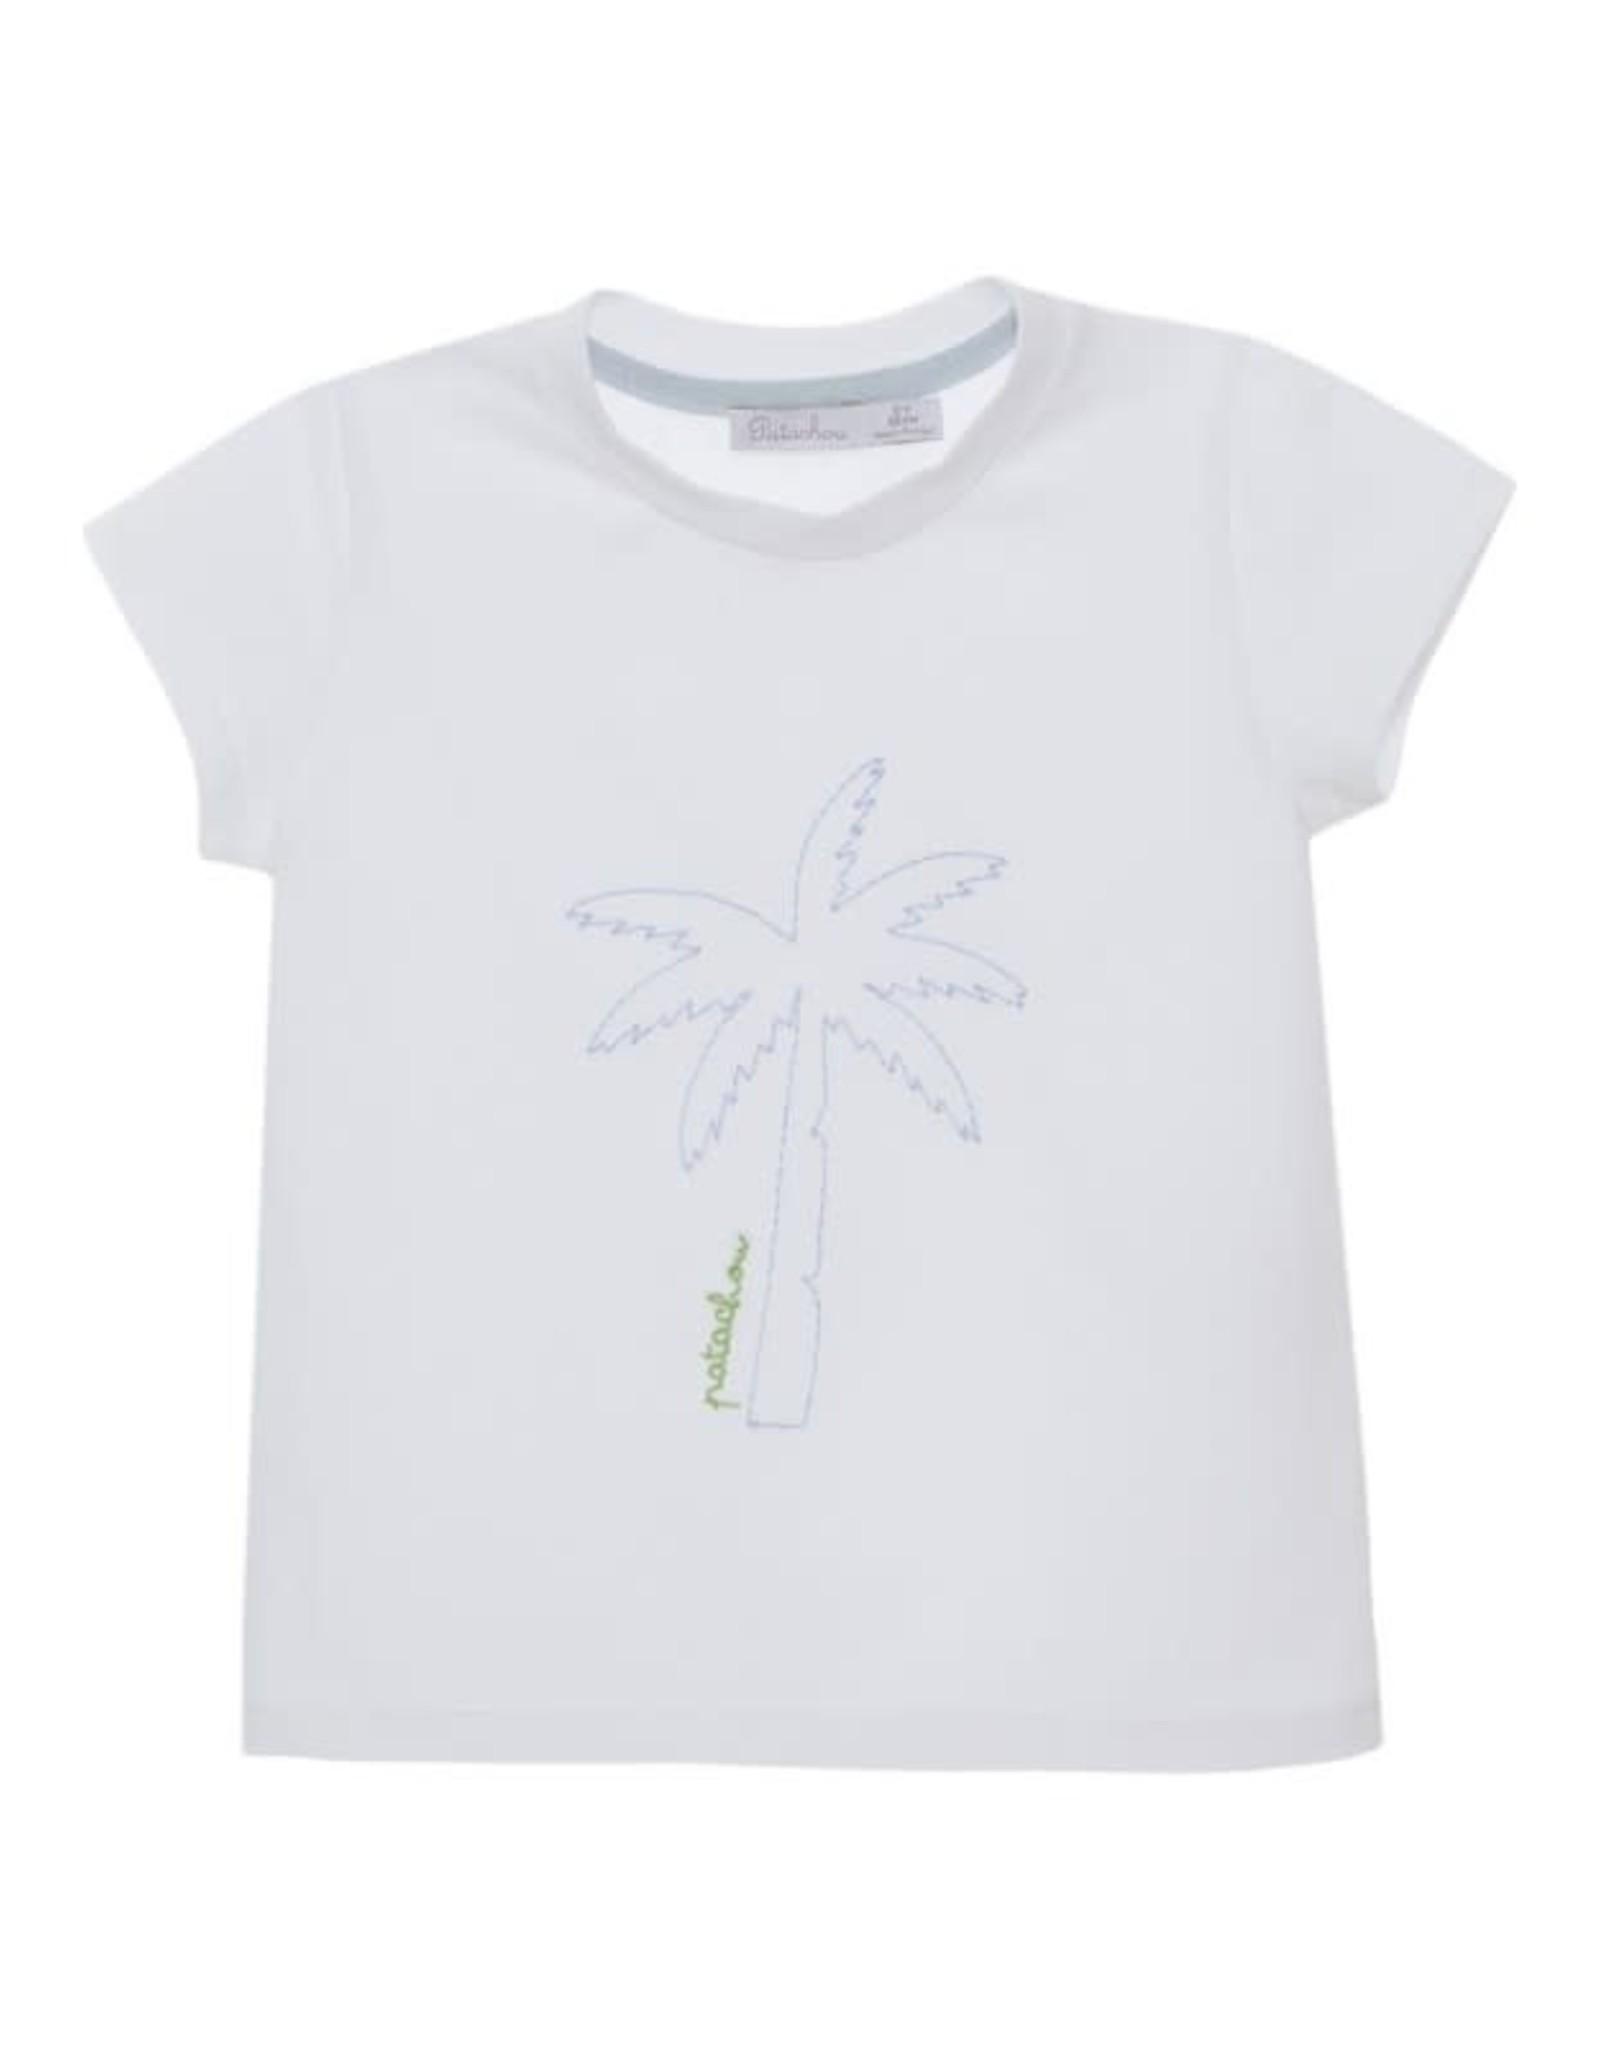 PATACHOU PATACHOU boy t-shirt